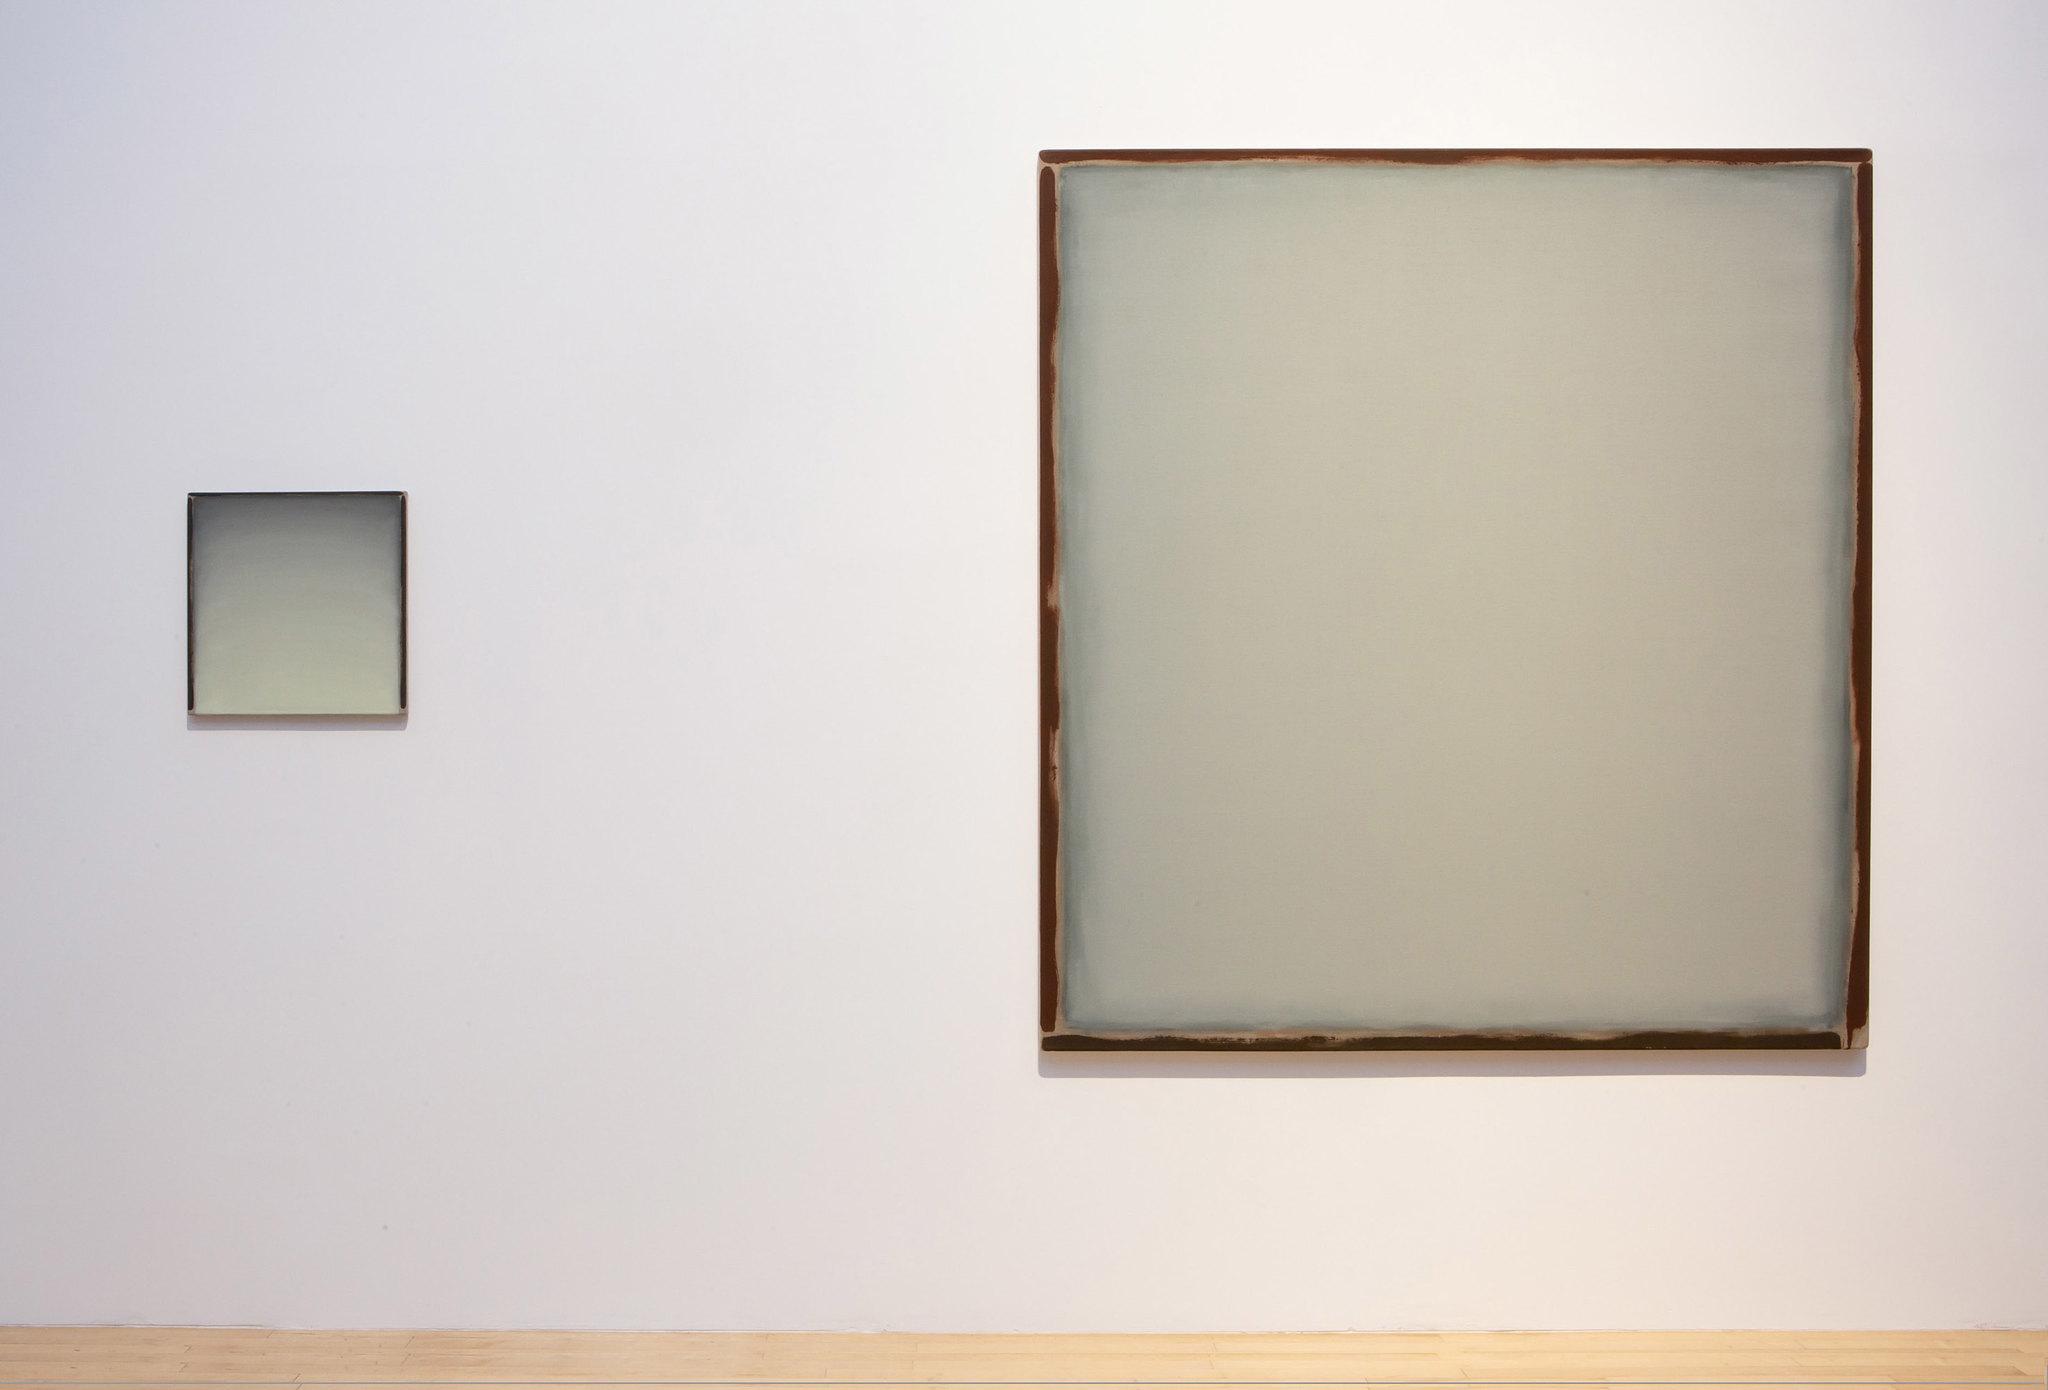 William McKeown paintings